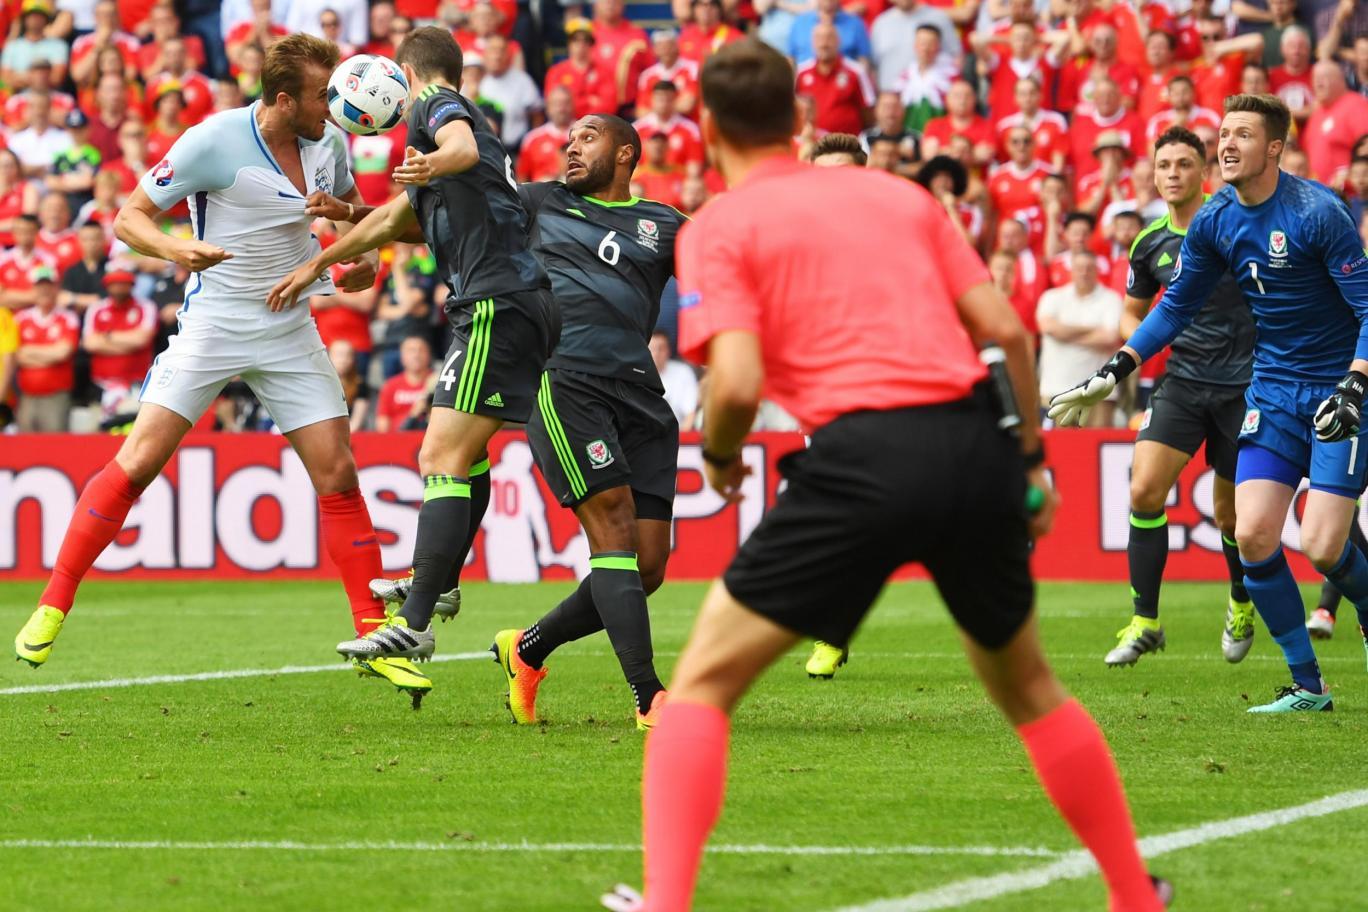 Đội tuyển Anh bị trọng tài cướp mất 2 quả penalty - Ảnh 1